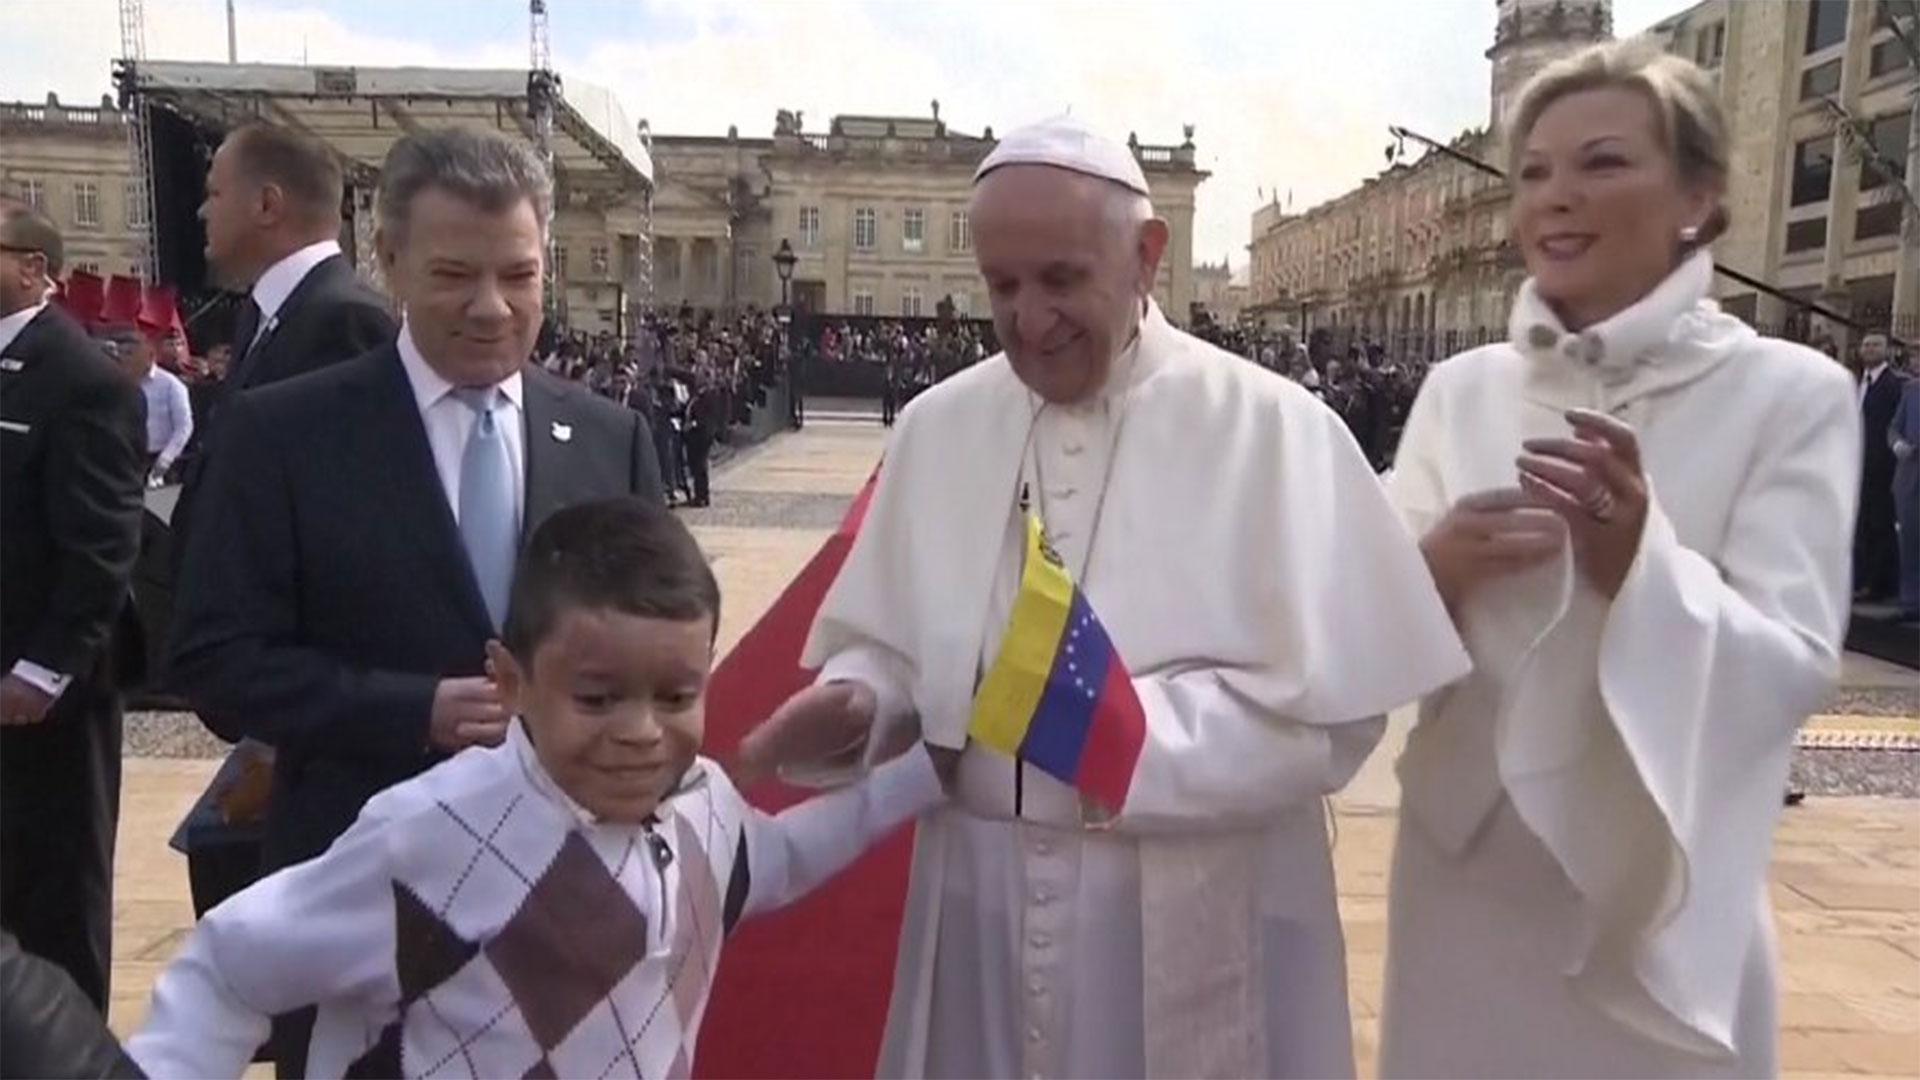 El papa Francisco, con la bandera de Venezuela